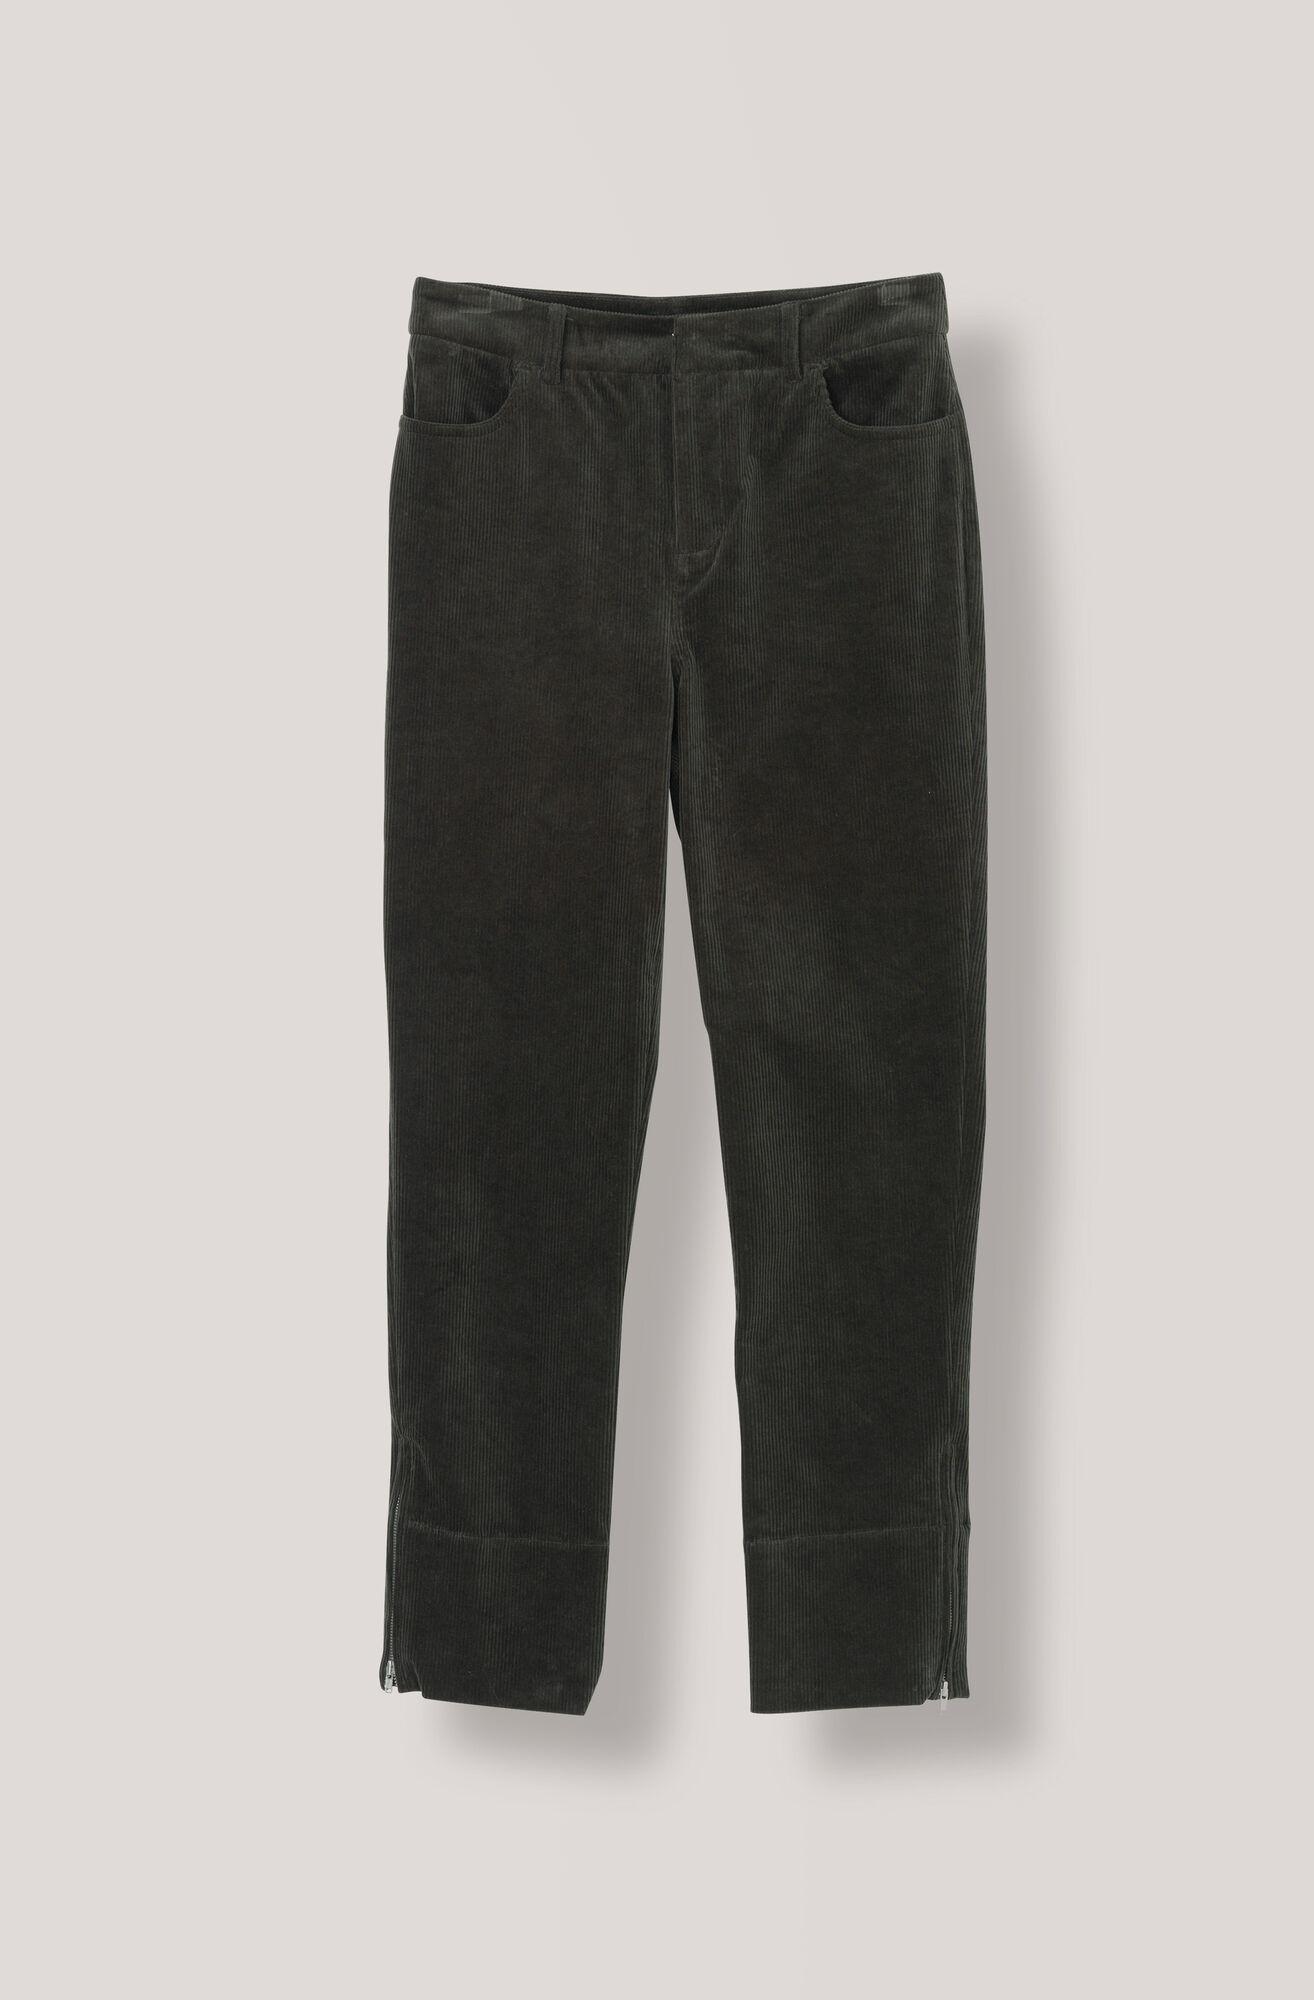 Ridgewood Slim Pants, Rosin, hi-res